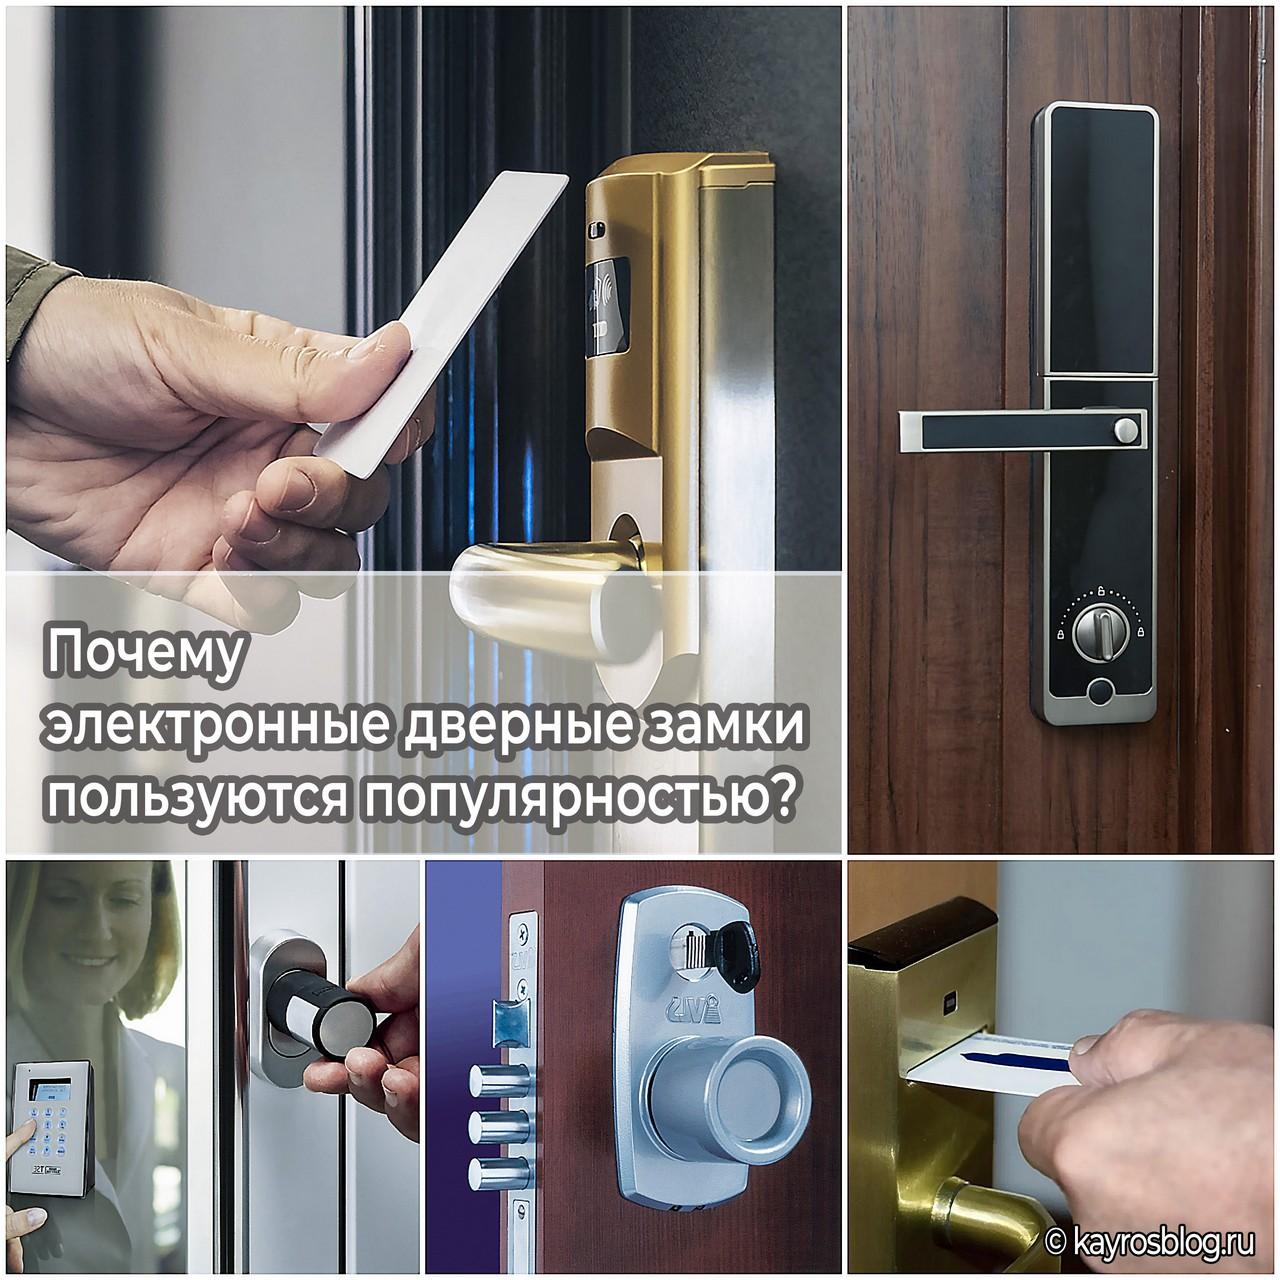 Почему электронные дверные замки для дверей пользуются популярностью